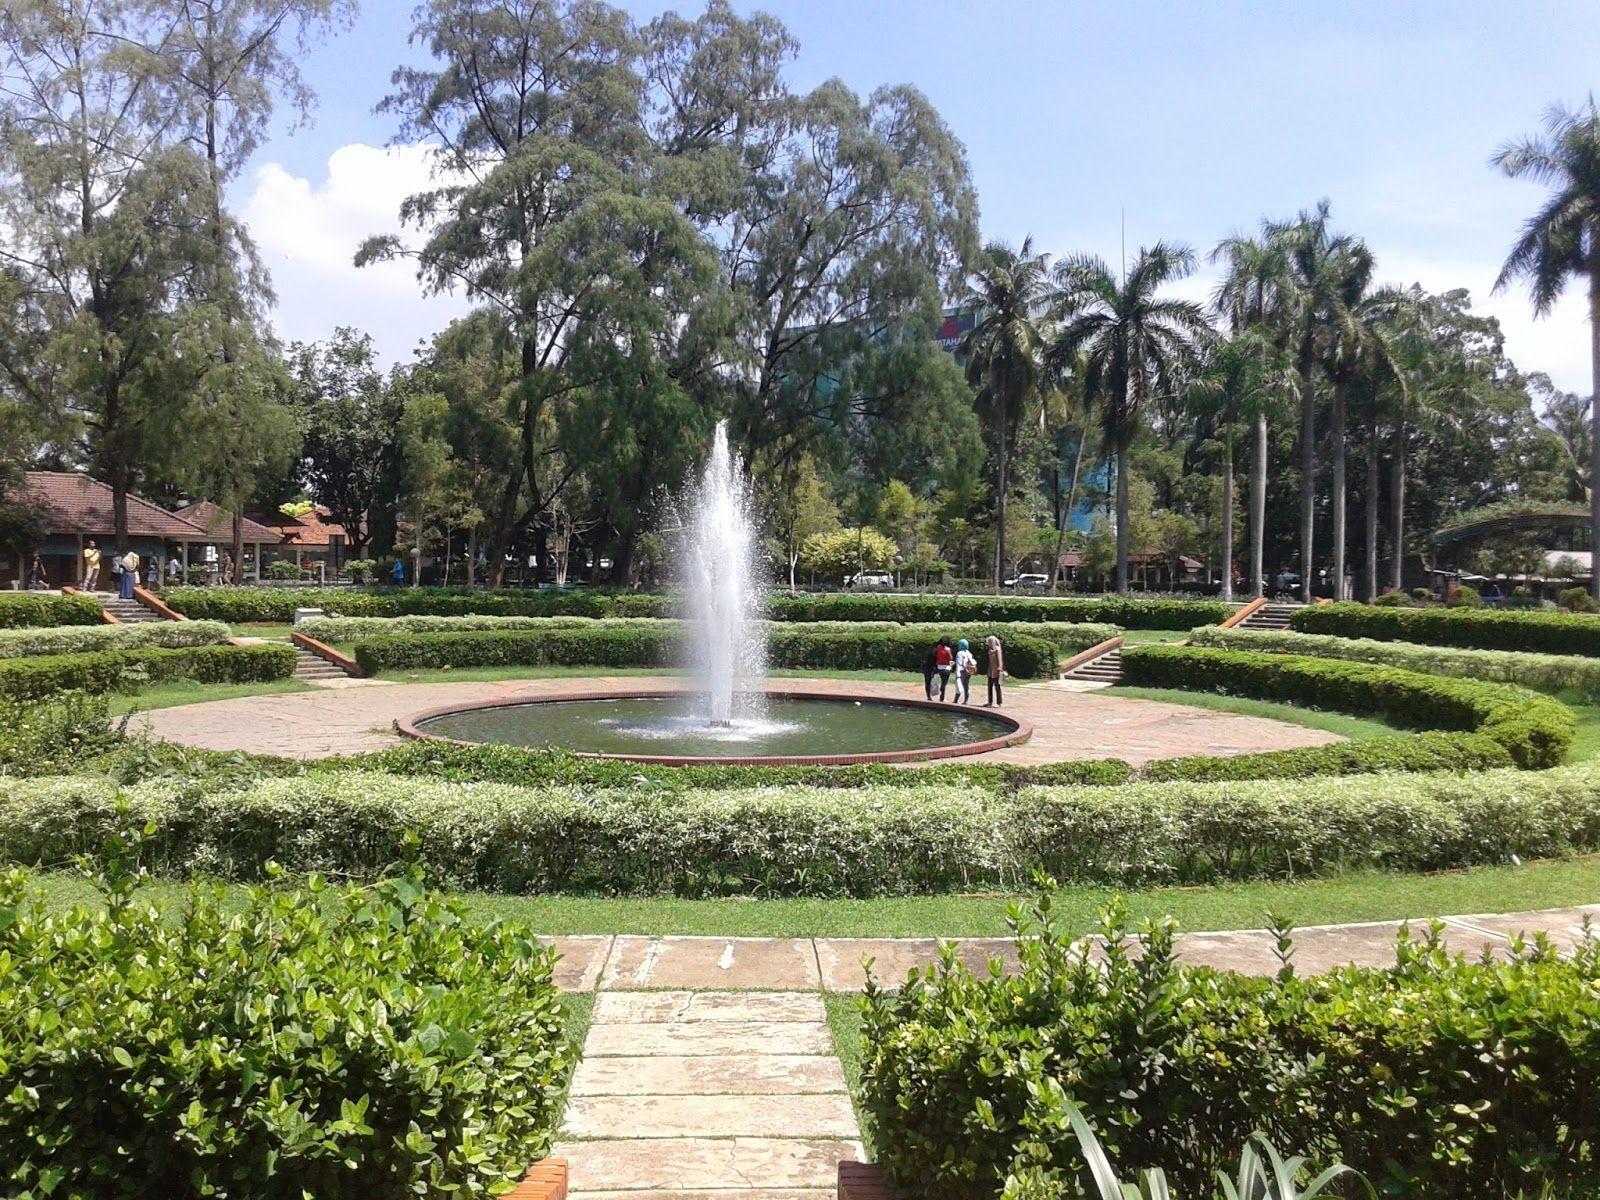 Lokasi Dan Harga Tiket Masuk Taman Bunga Wiladatika Depok Tempat Wisata Keluarga Yang Begitu Menggoda Http Www Dakatour Com Lokas Taman Taman Bunga Tempat